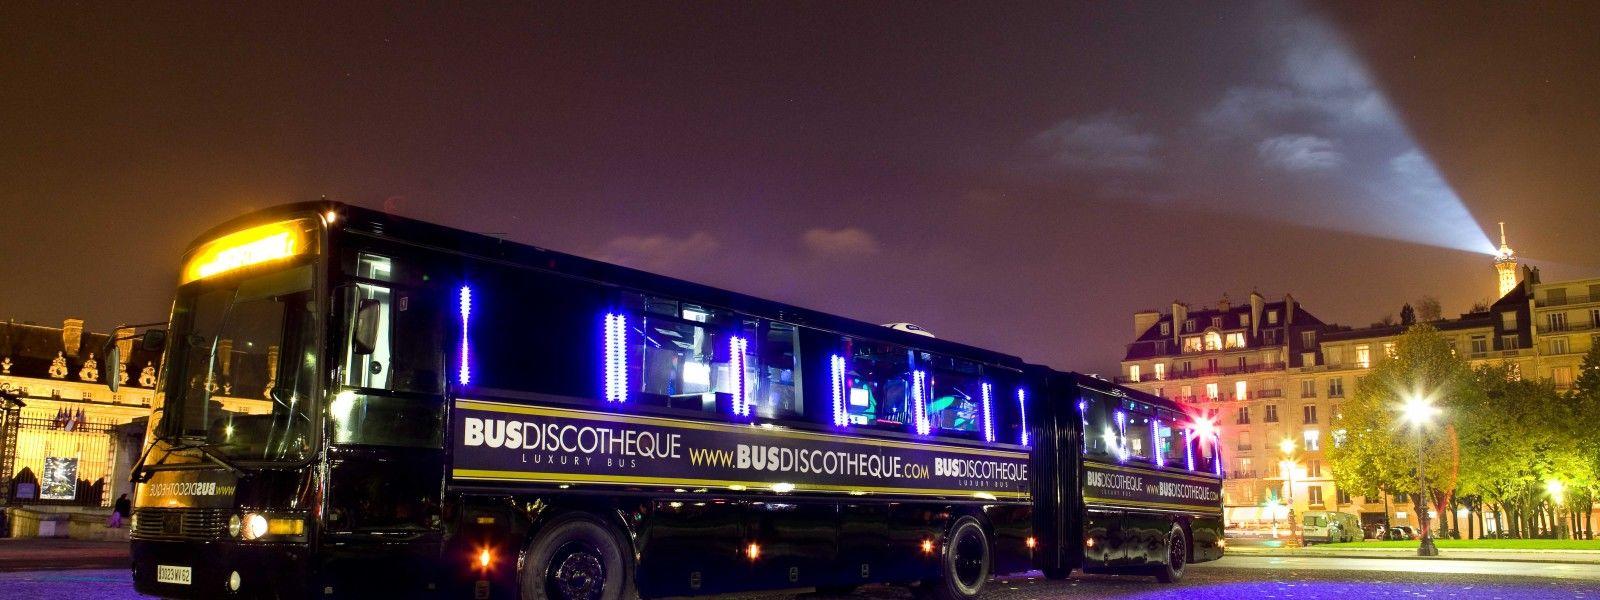 Le Bus Discothèque - Les Bus Discothèque